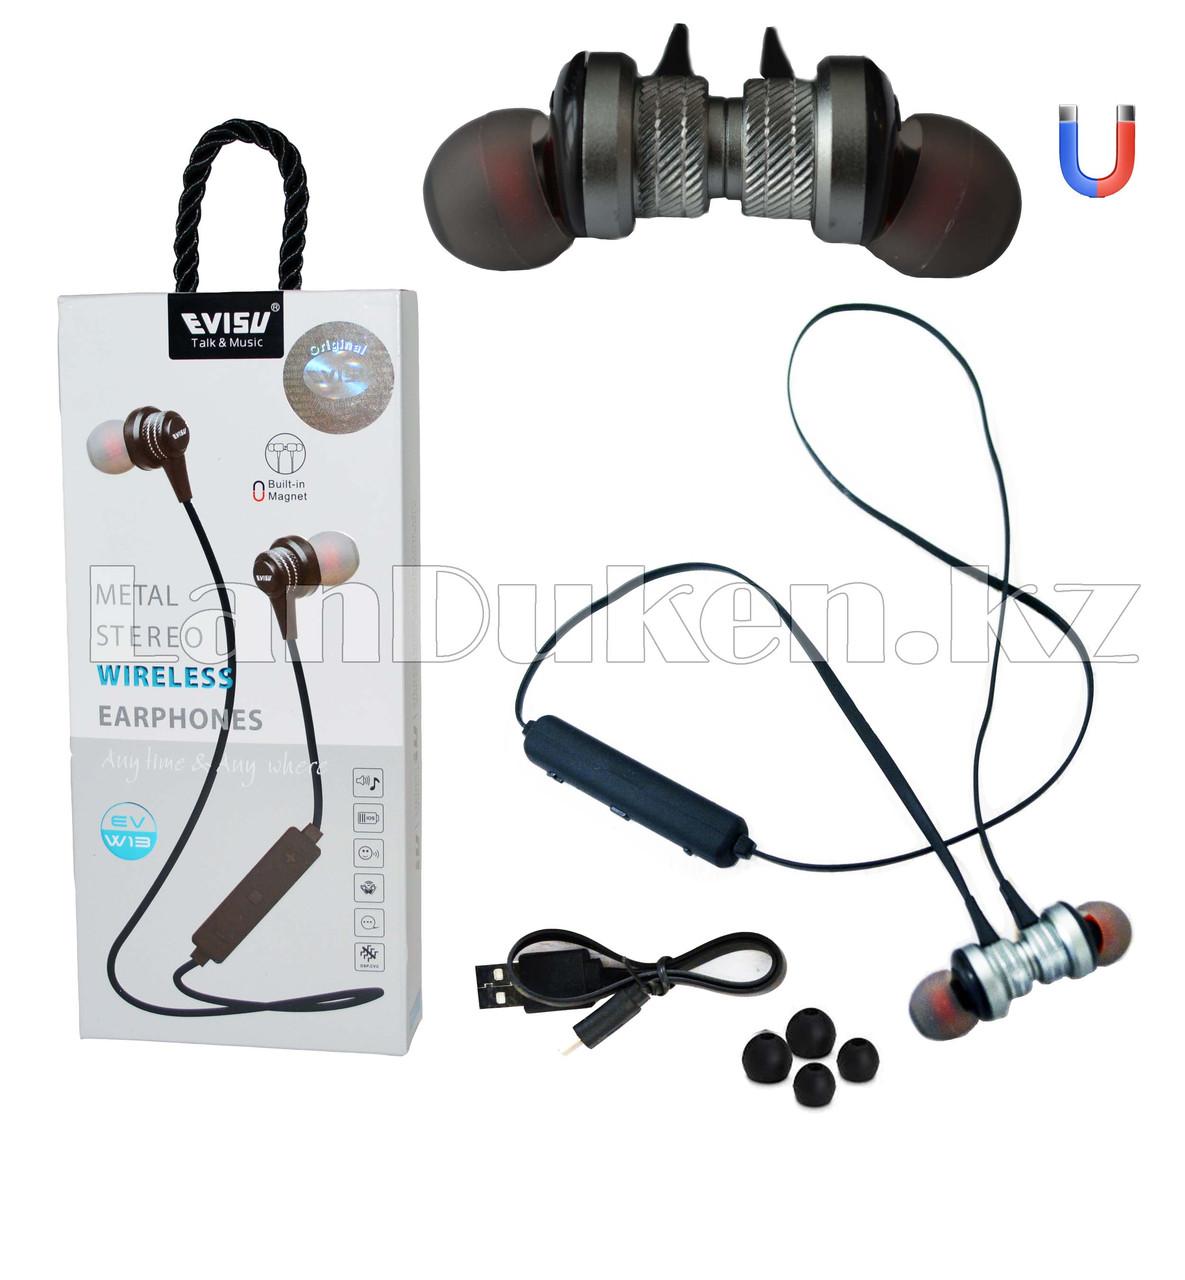 Спортивные Блютуз наушники Evisu W13 sports wireless earphones c магнитным креплением серые - фото 1